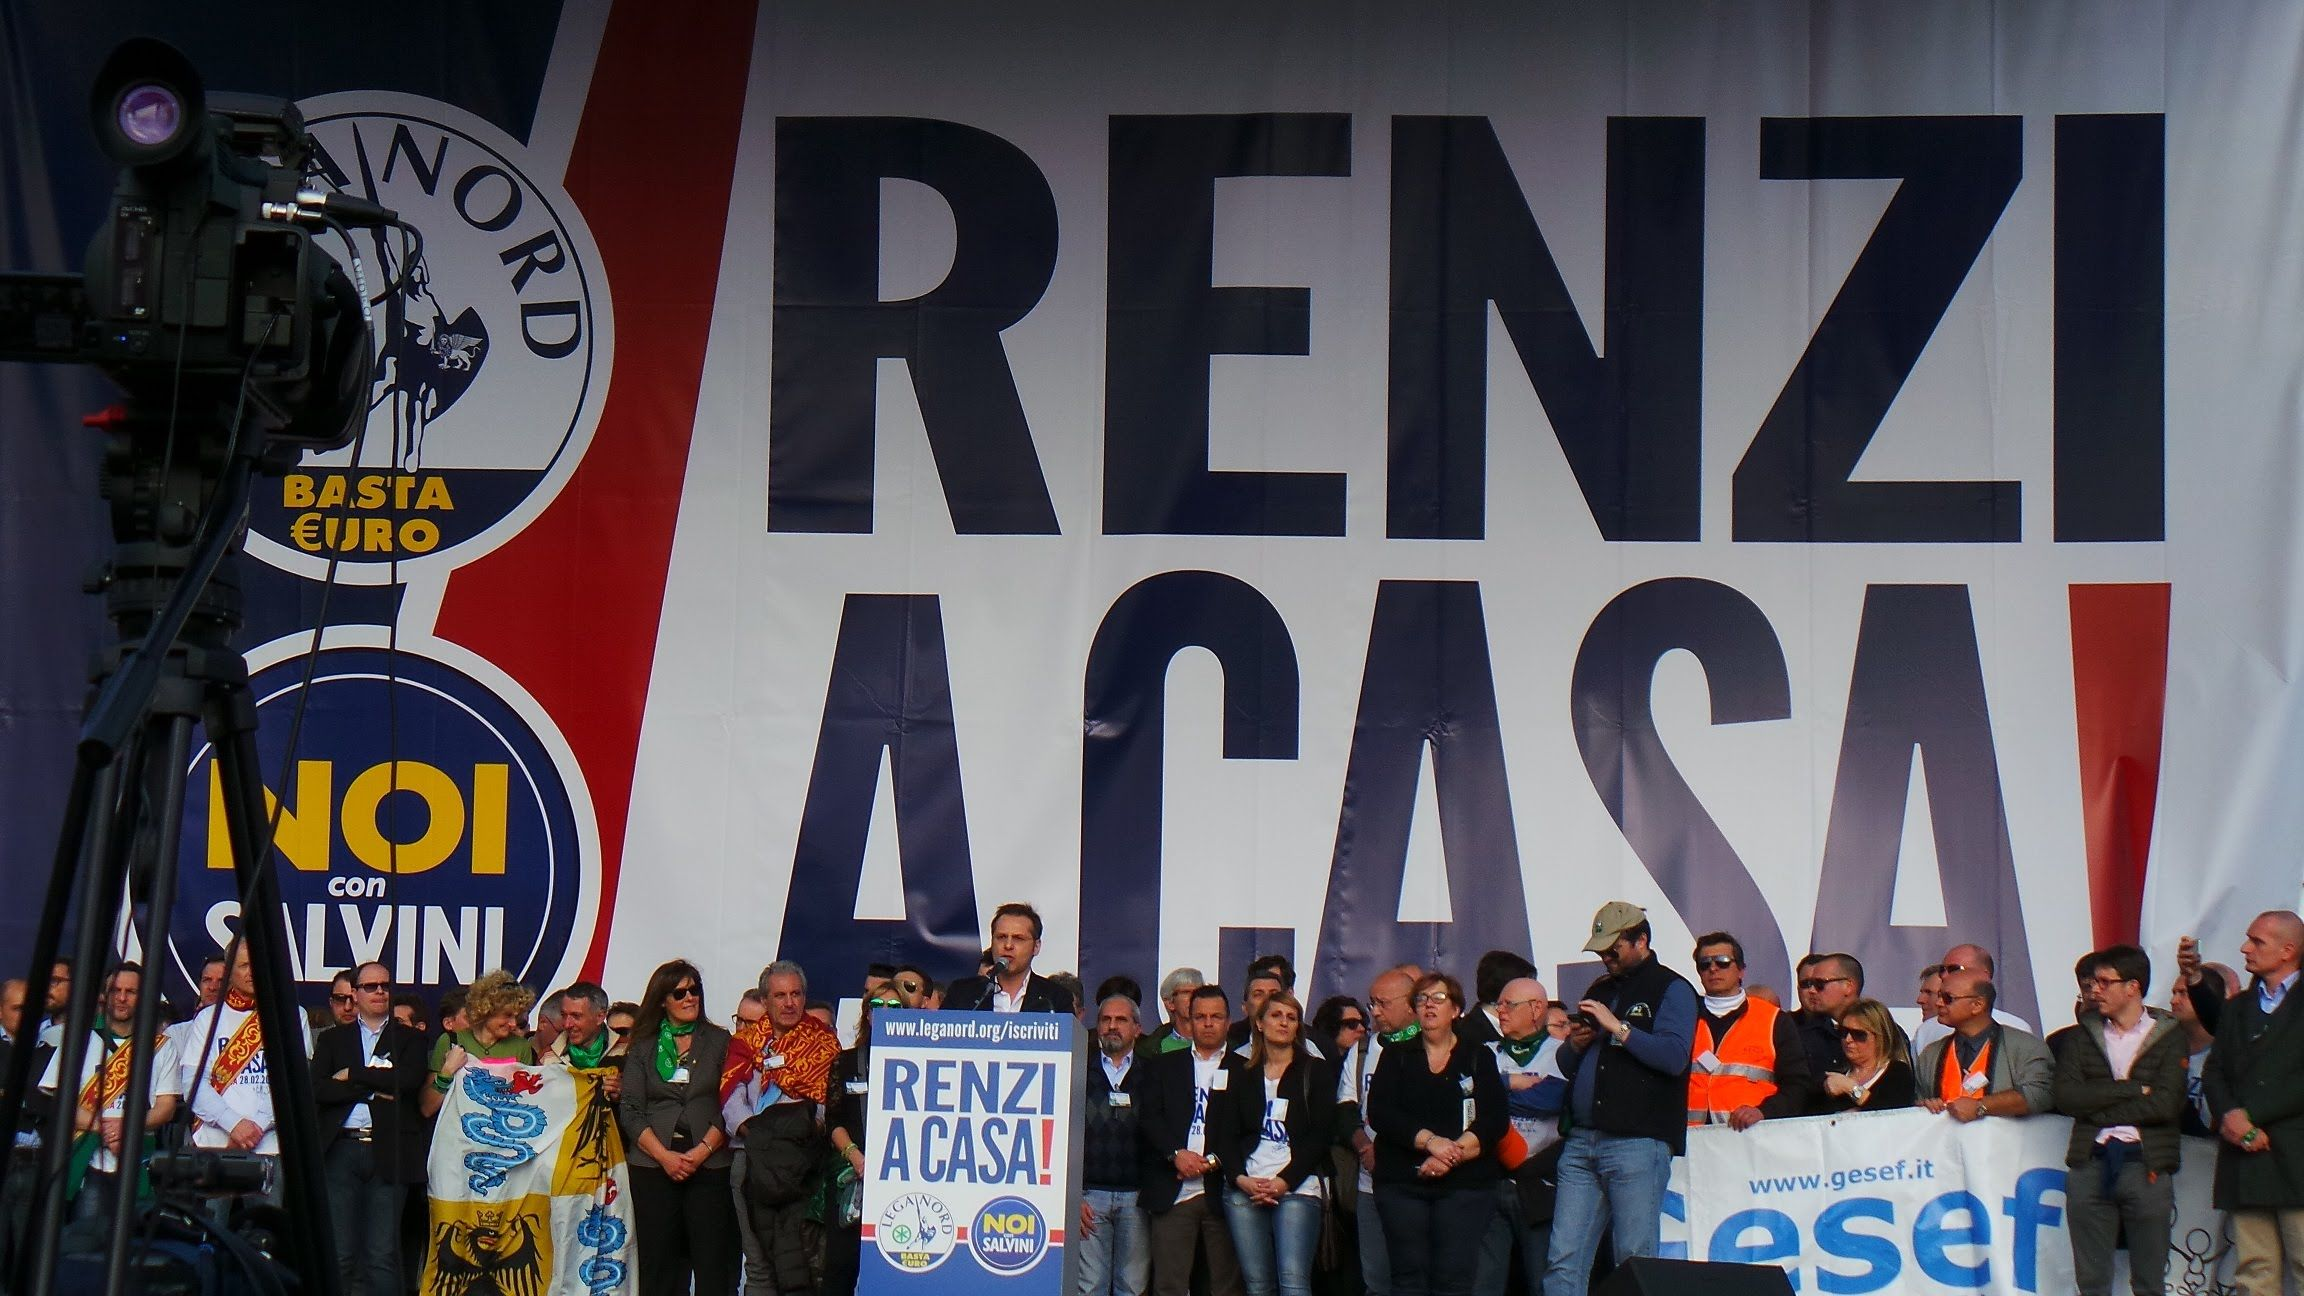 Matteo Salvini Renzi a Casa! Manifestazione Roma Lega Nord